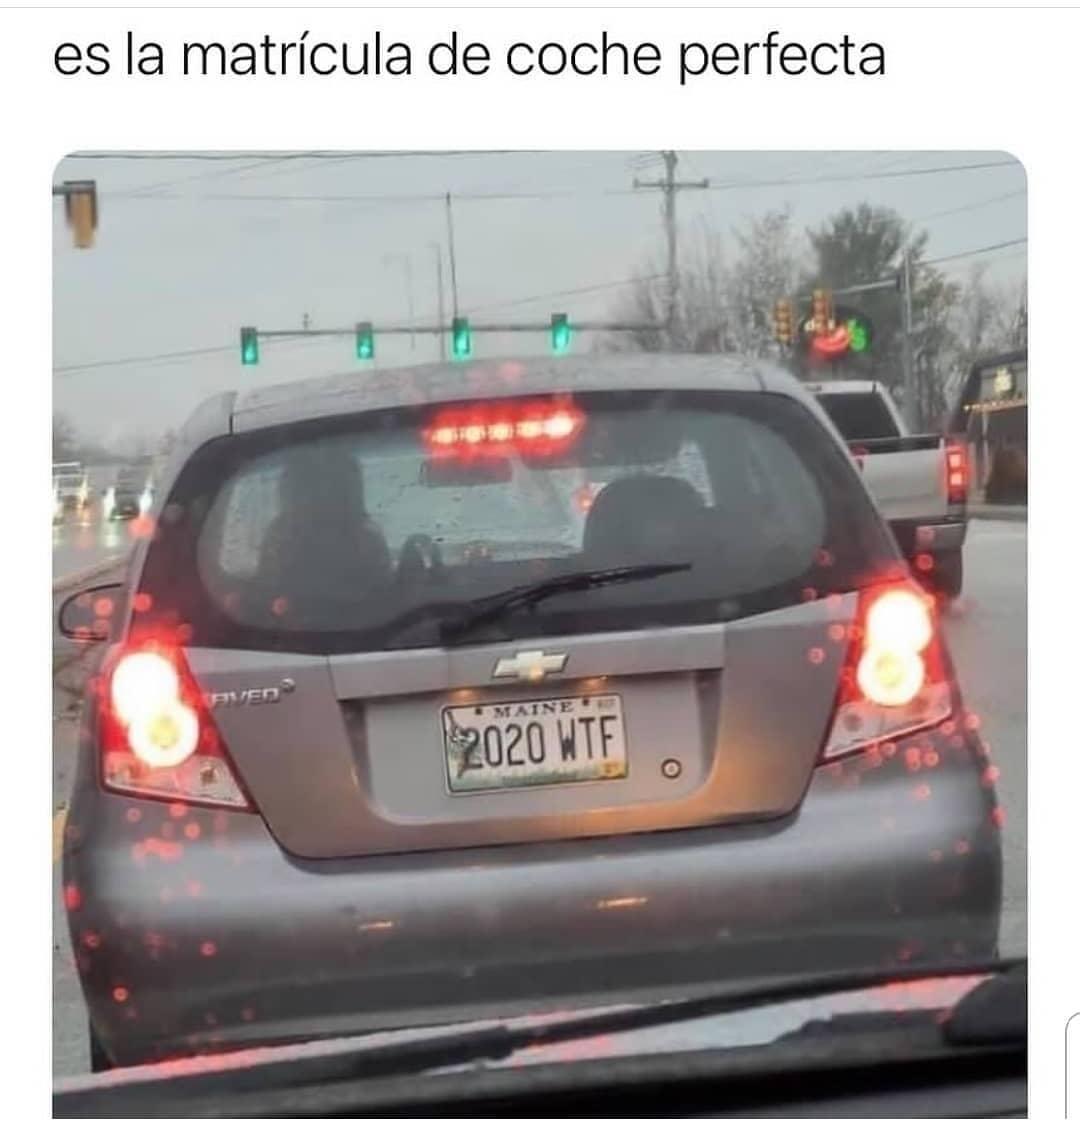 Es la matrícula de coche perfecta.